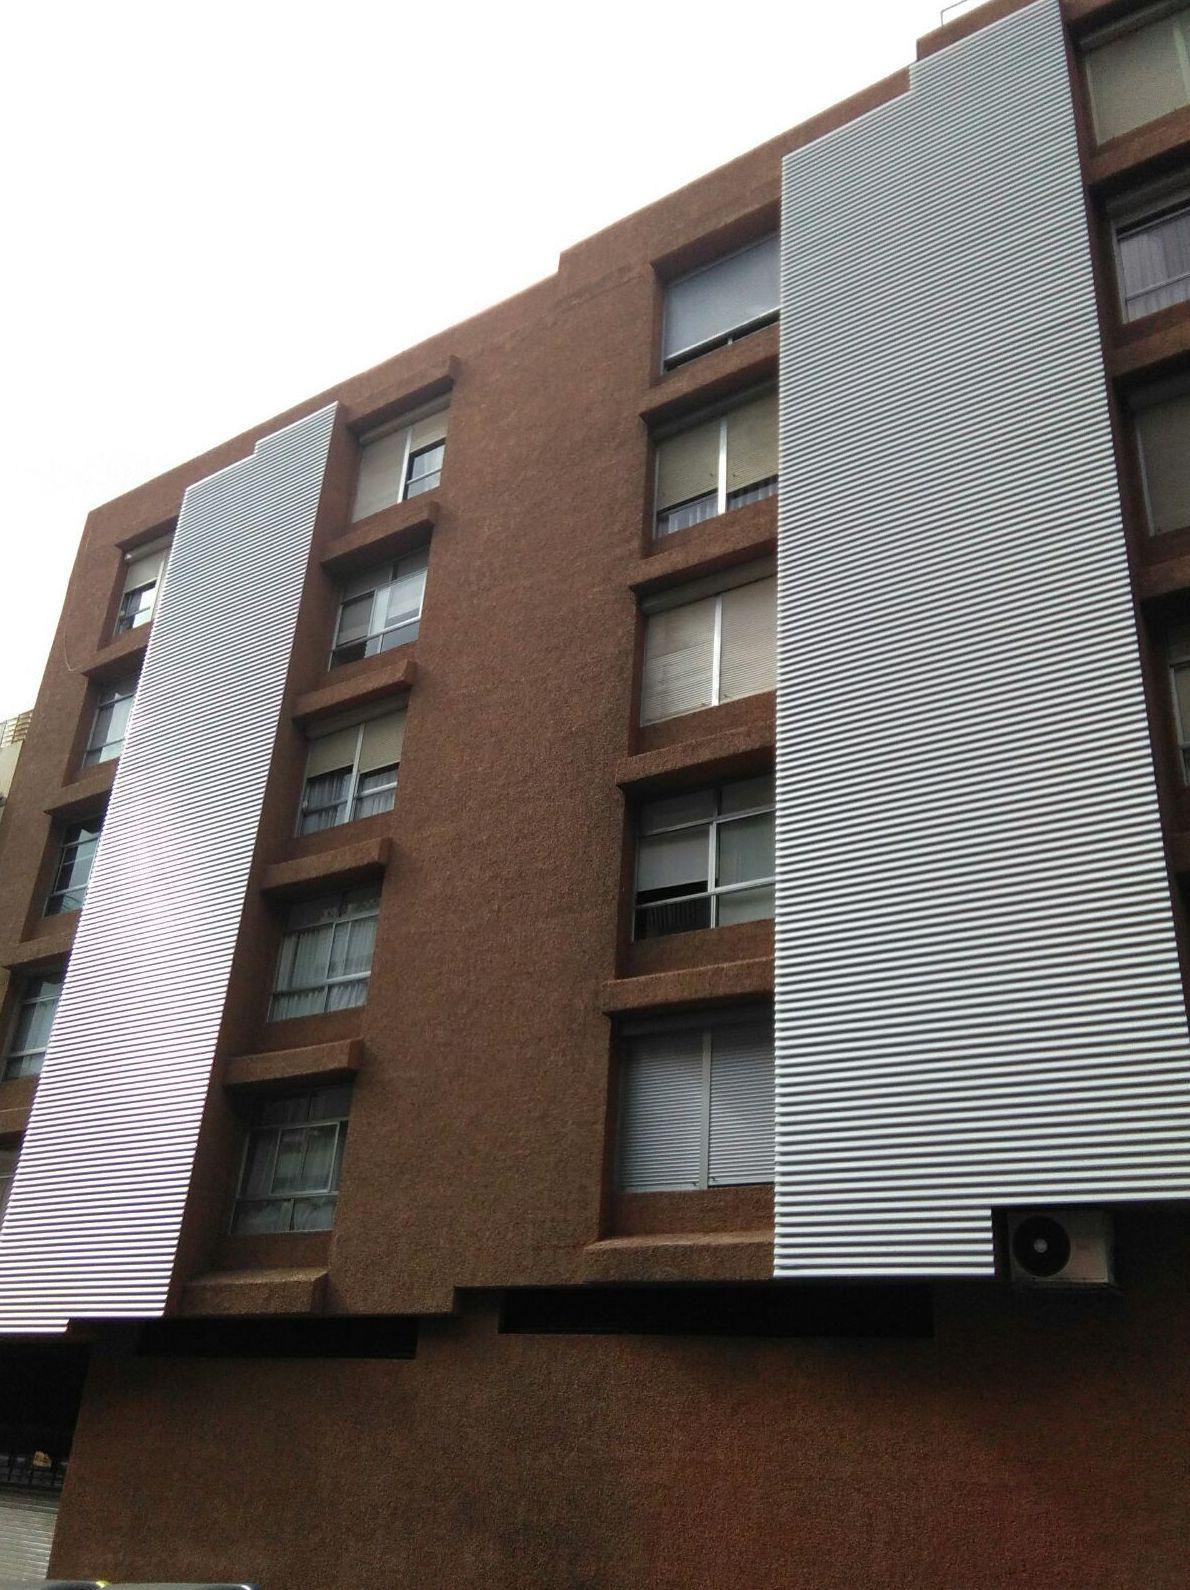 Lamas horizontales de PVC